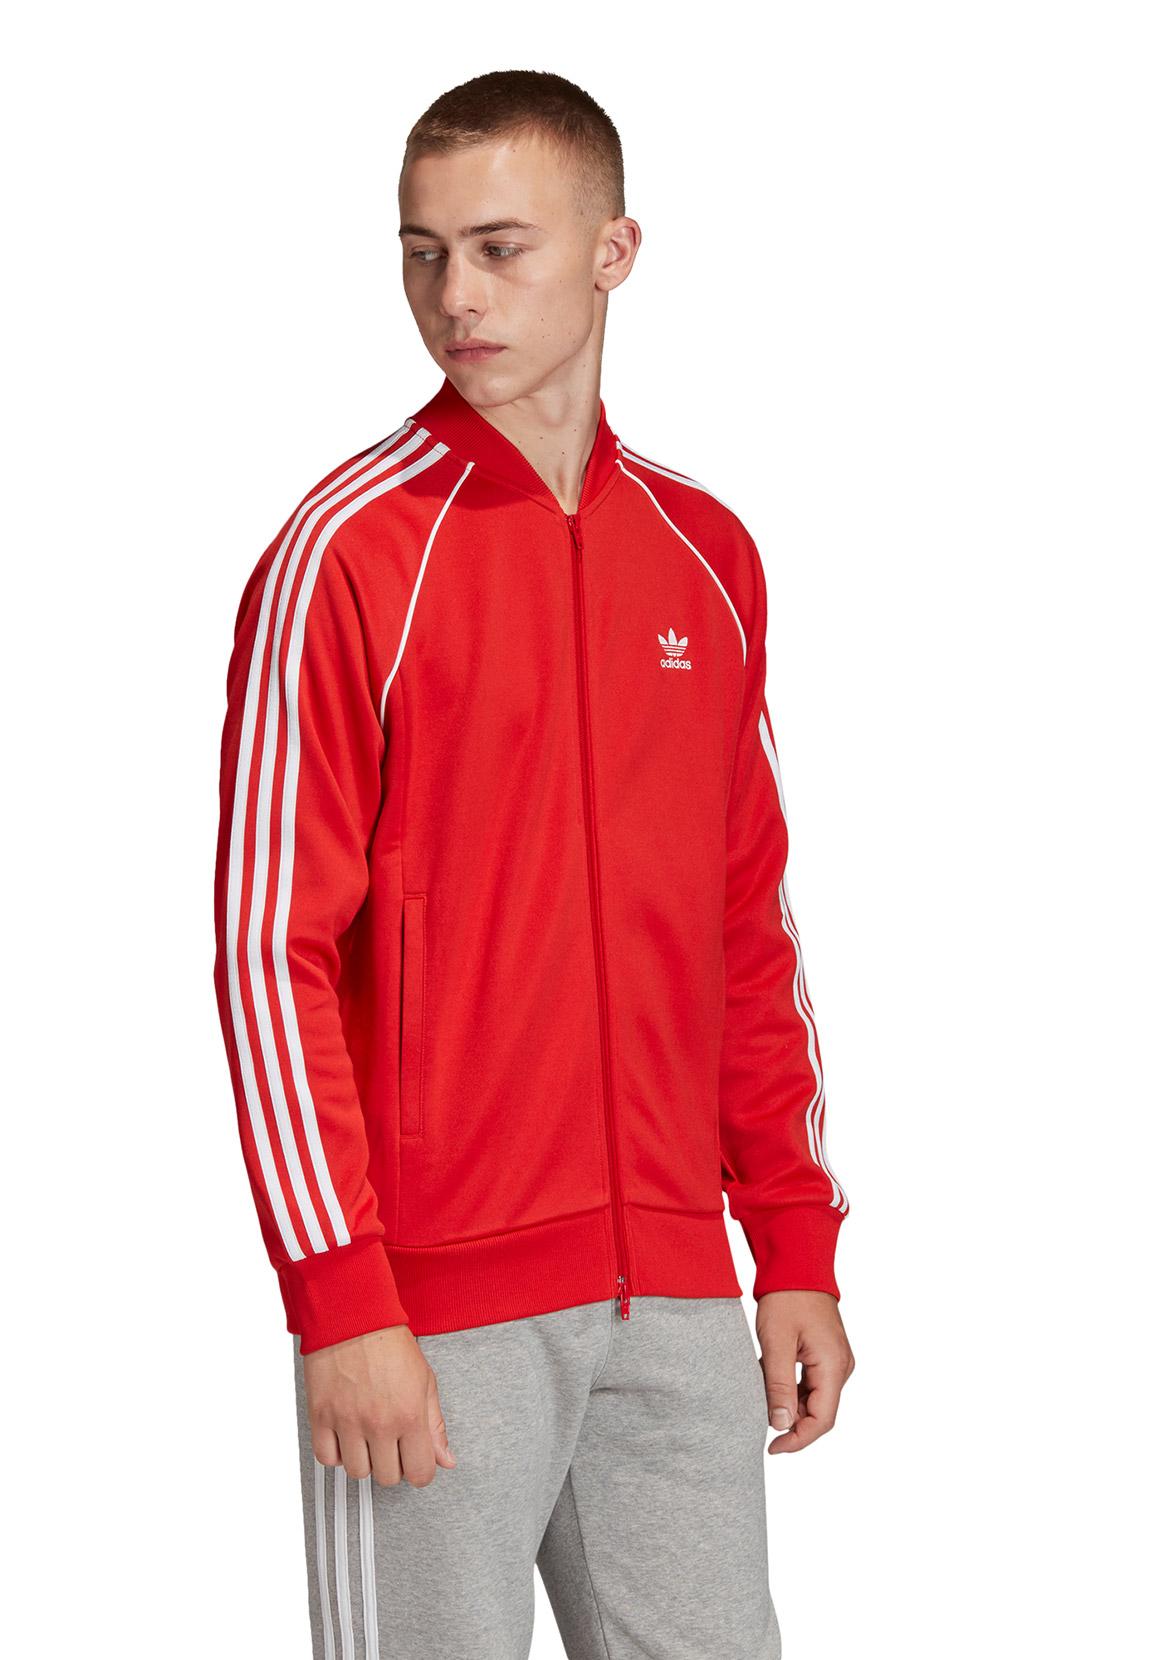 Adidas Sweatjacke Herren SST TT JACKE FM3809 Rot